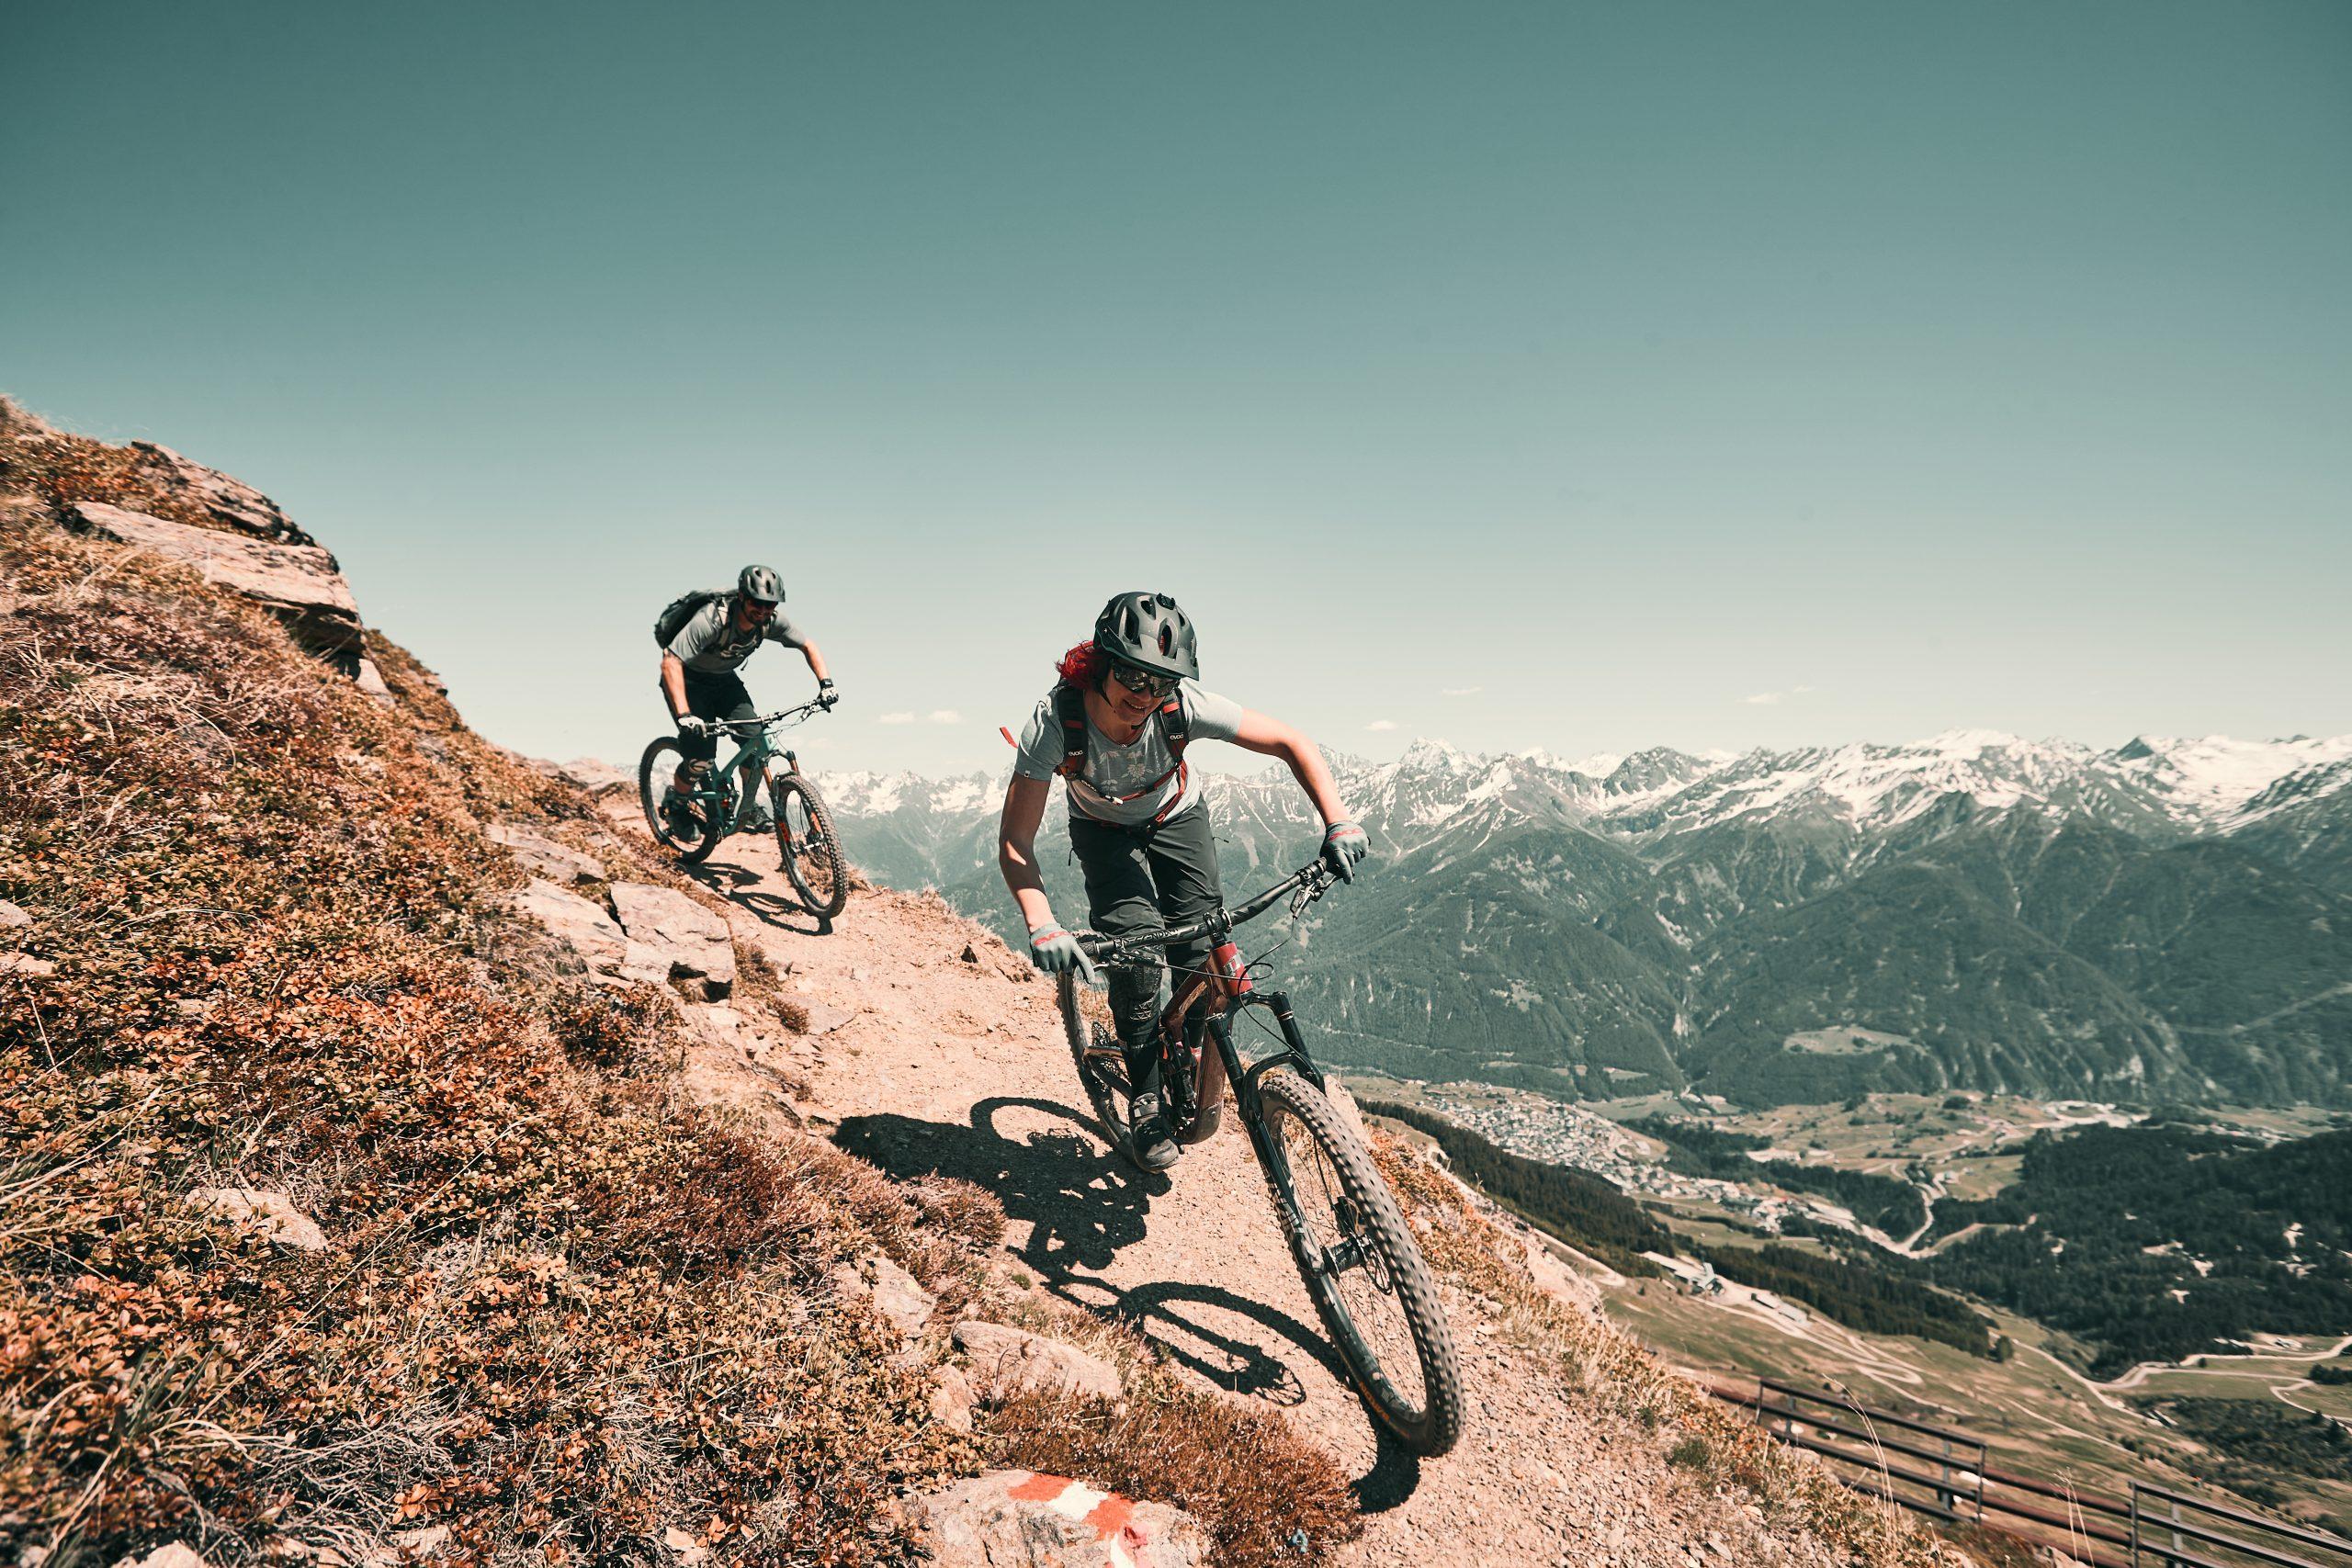 Trails shredden